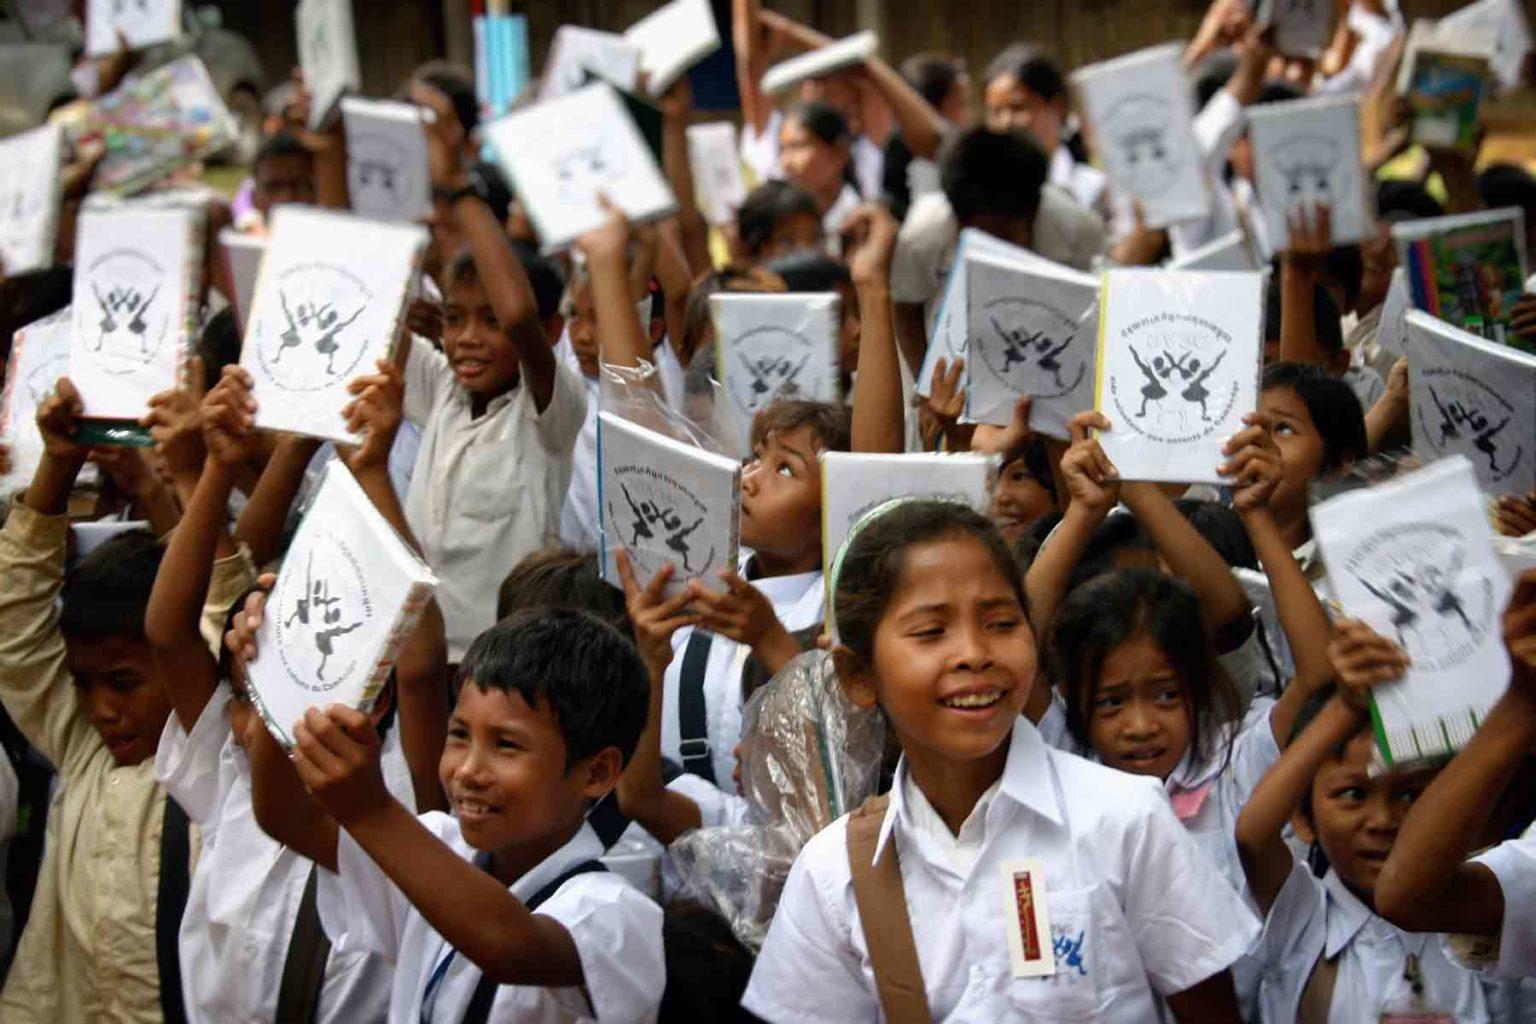 Enfants cambodgiens scolarisés par notre action humanitaire dans les villages et la localisation des enfants les plus pauvres dans la région de Battambang au Cambodge